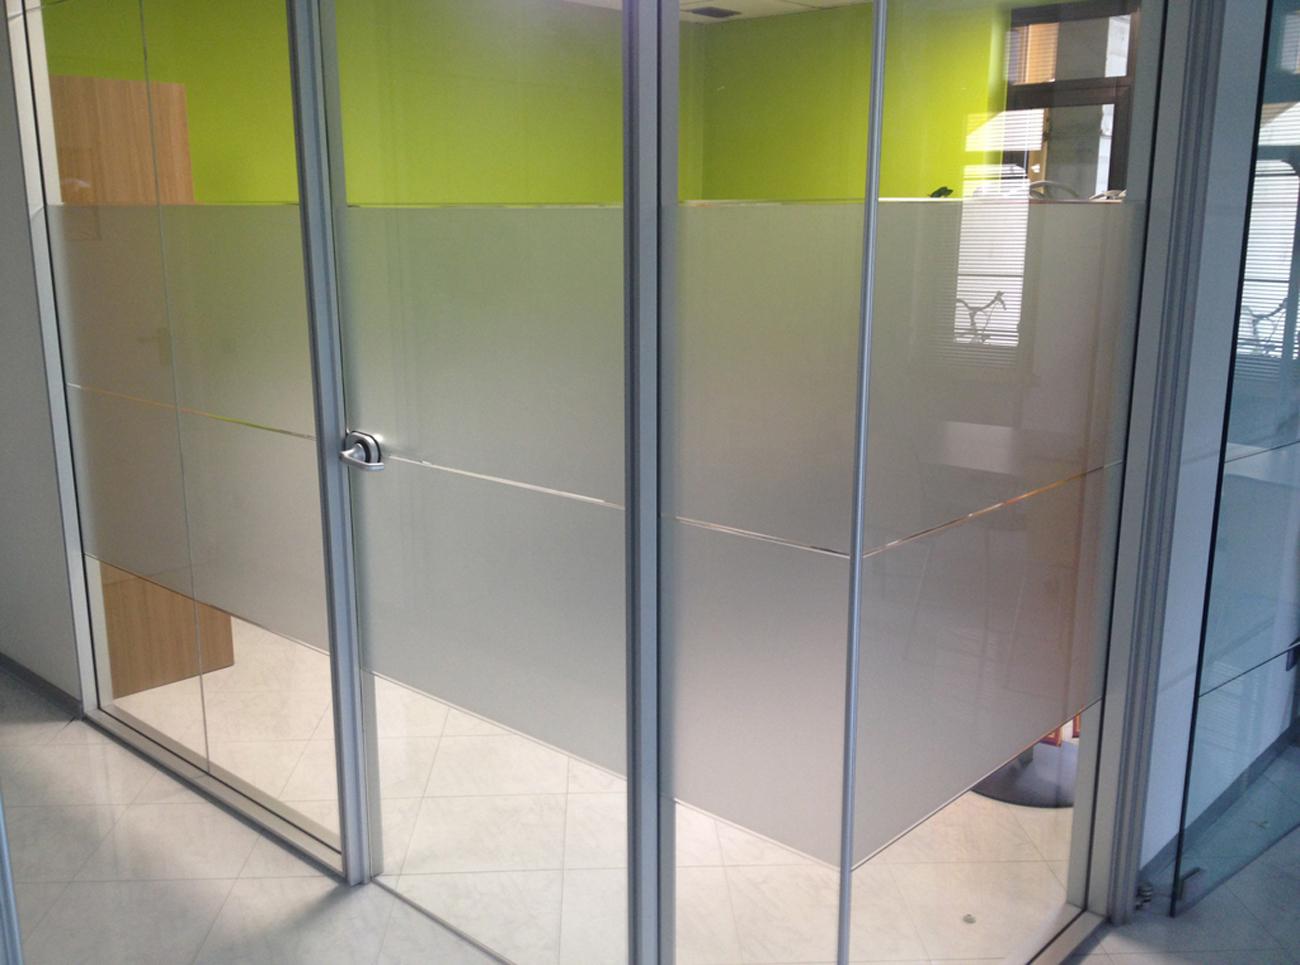 Decorazione vetri interni ufficio con adesivi effetto - Pellicole adesive per vetri esterni ...